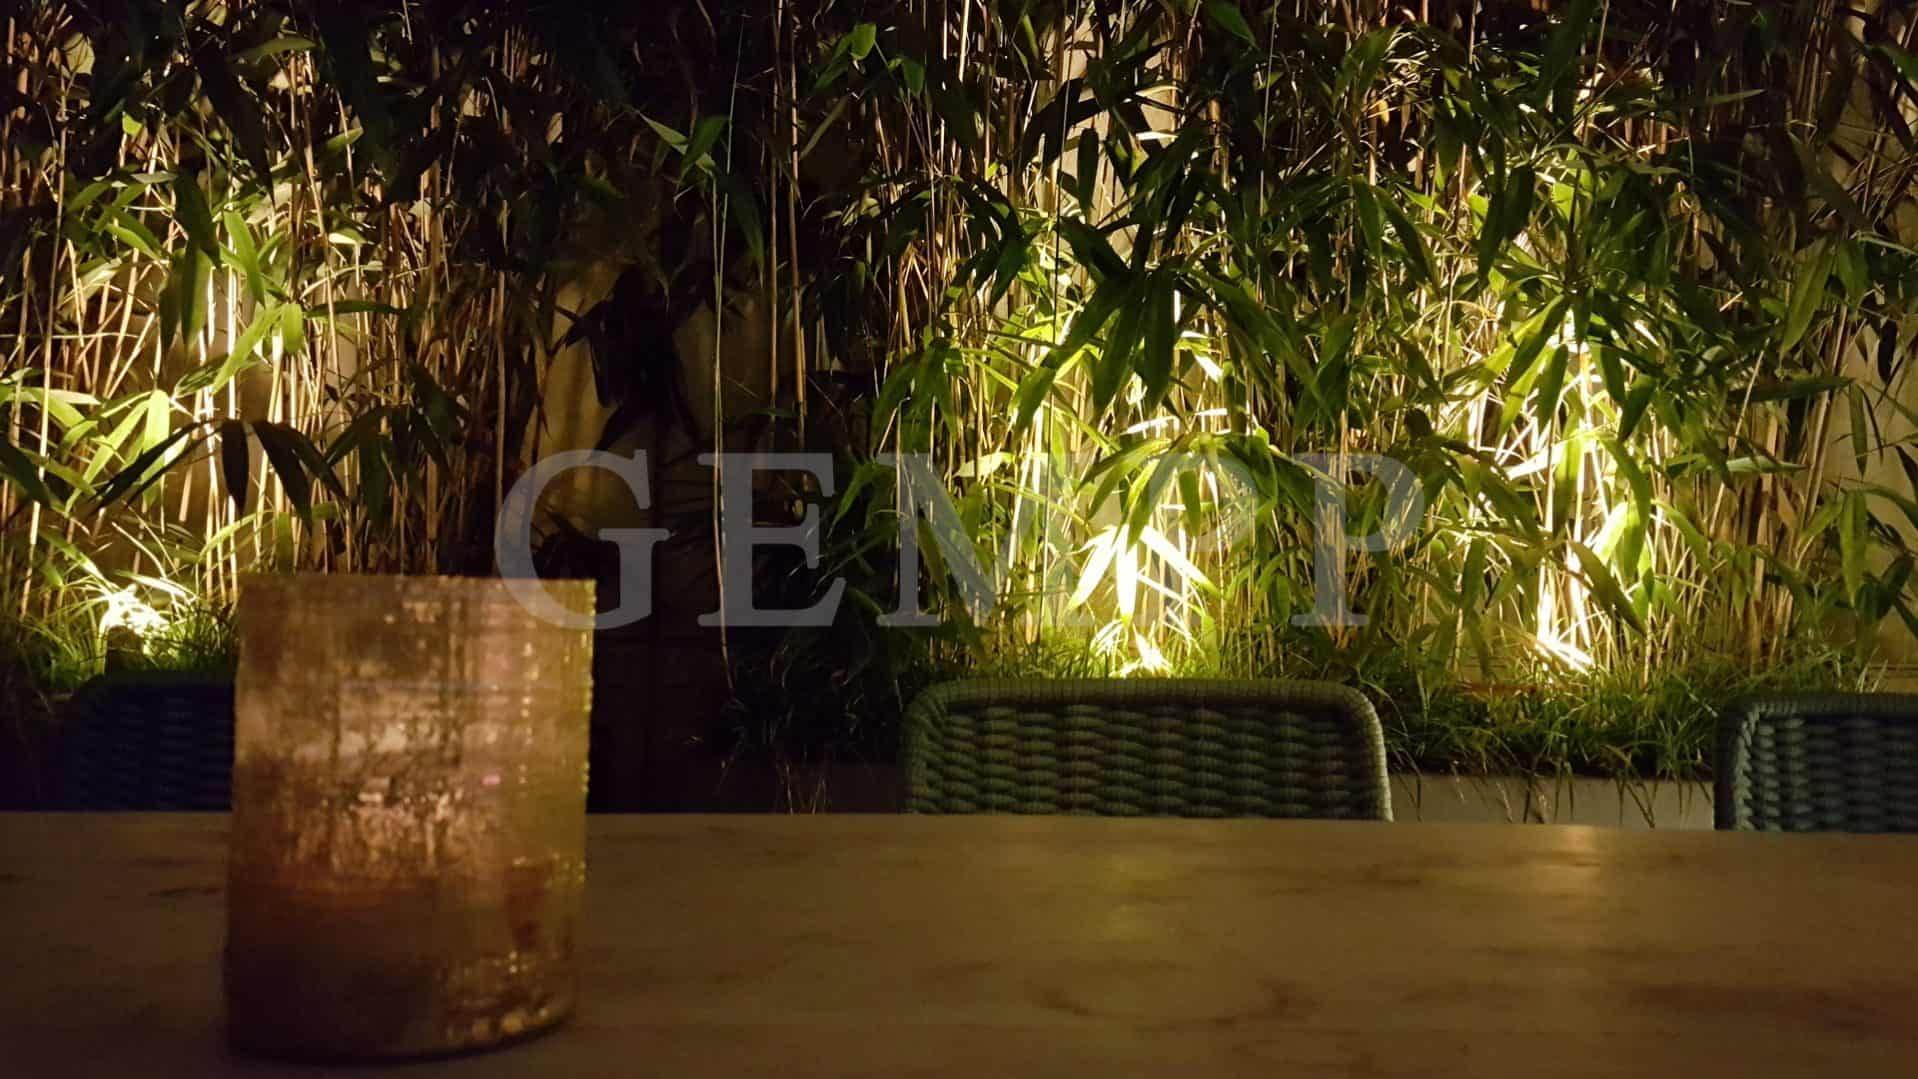 Lichtplanung Licht im Garten planen Lichtgestaltung